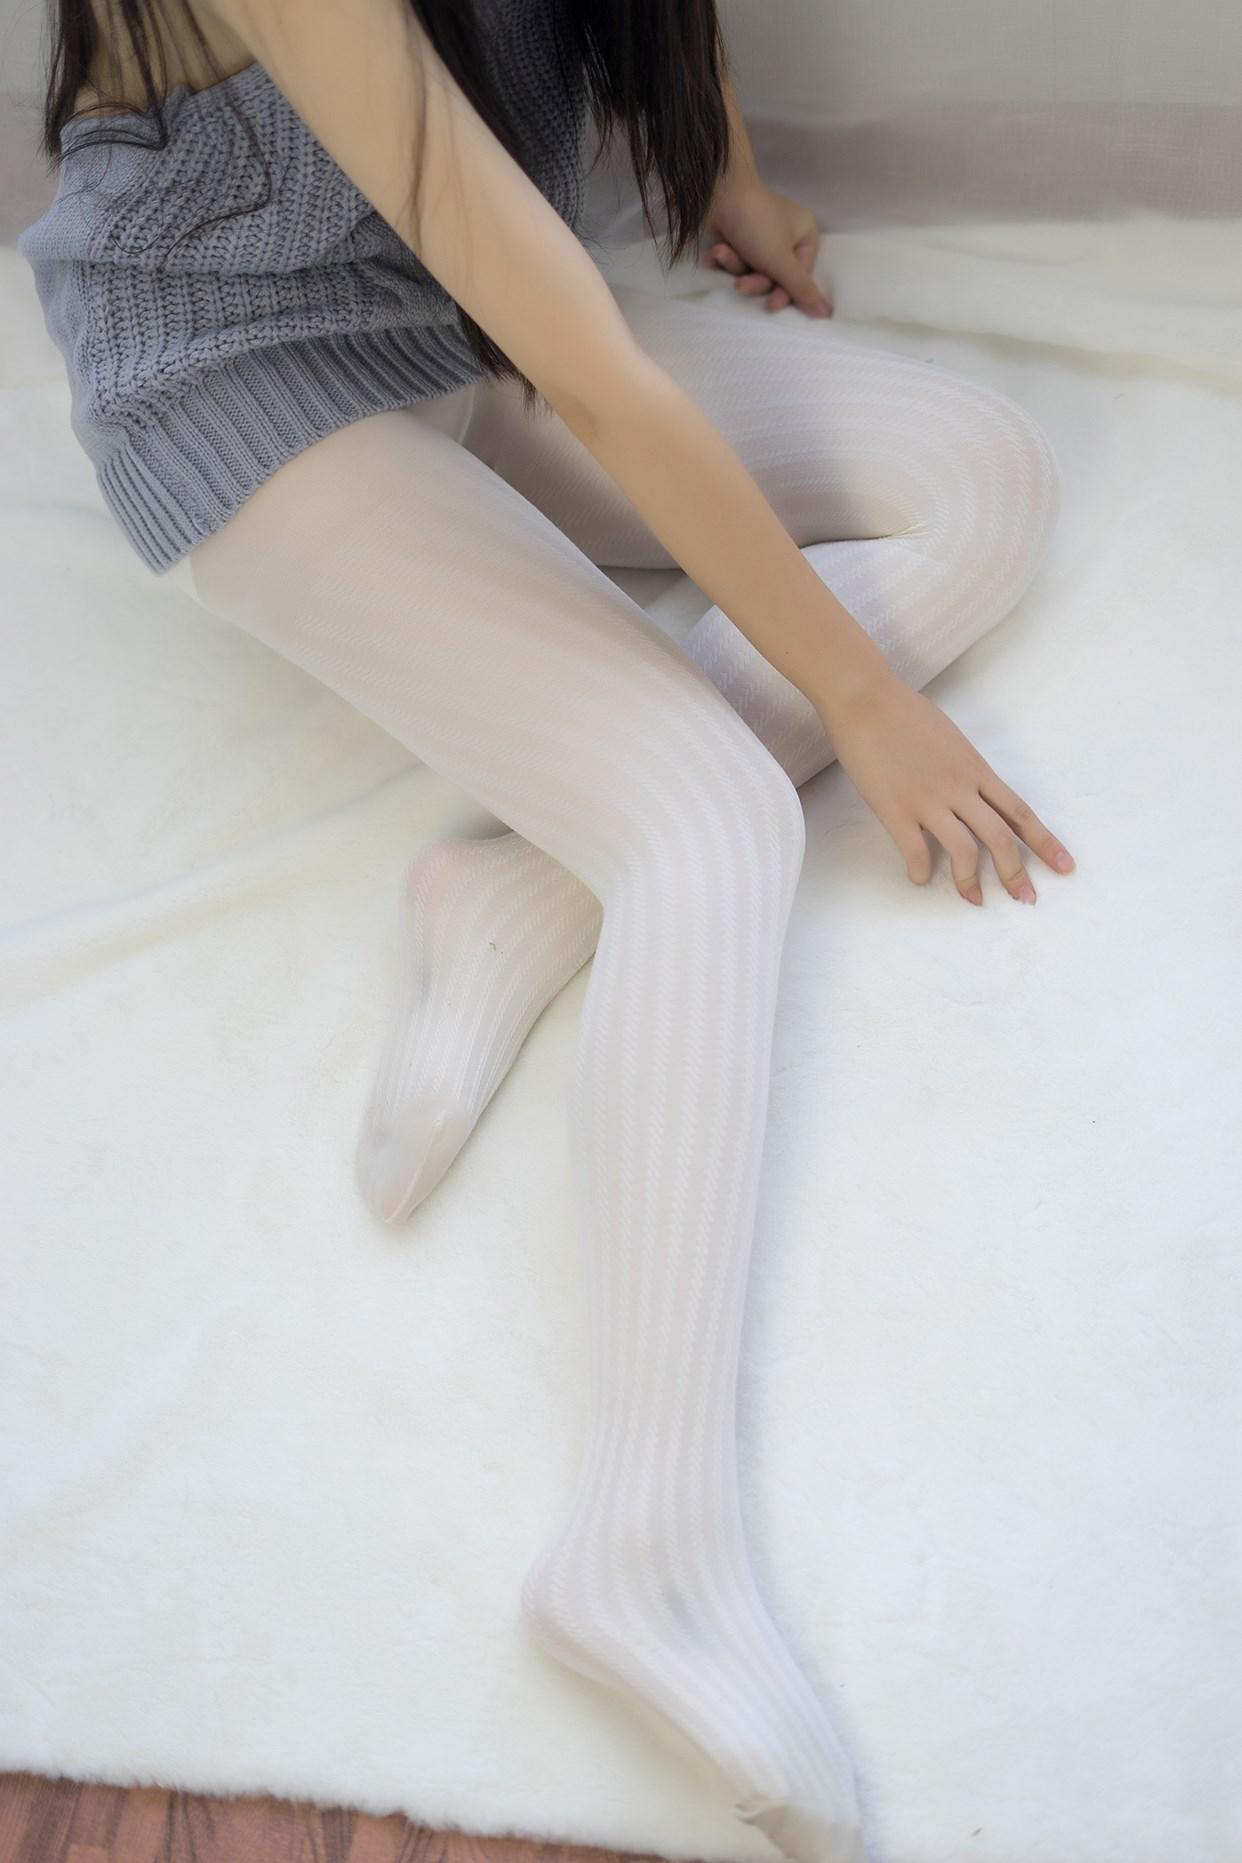 【兔玩映画】白丝袜你喜欢吗 兔玩映画 第16张